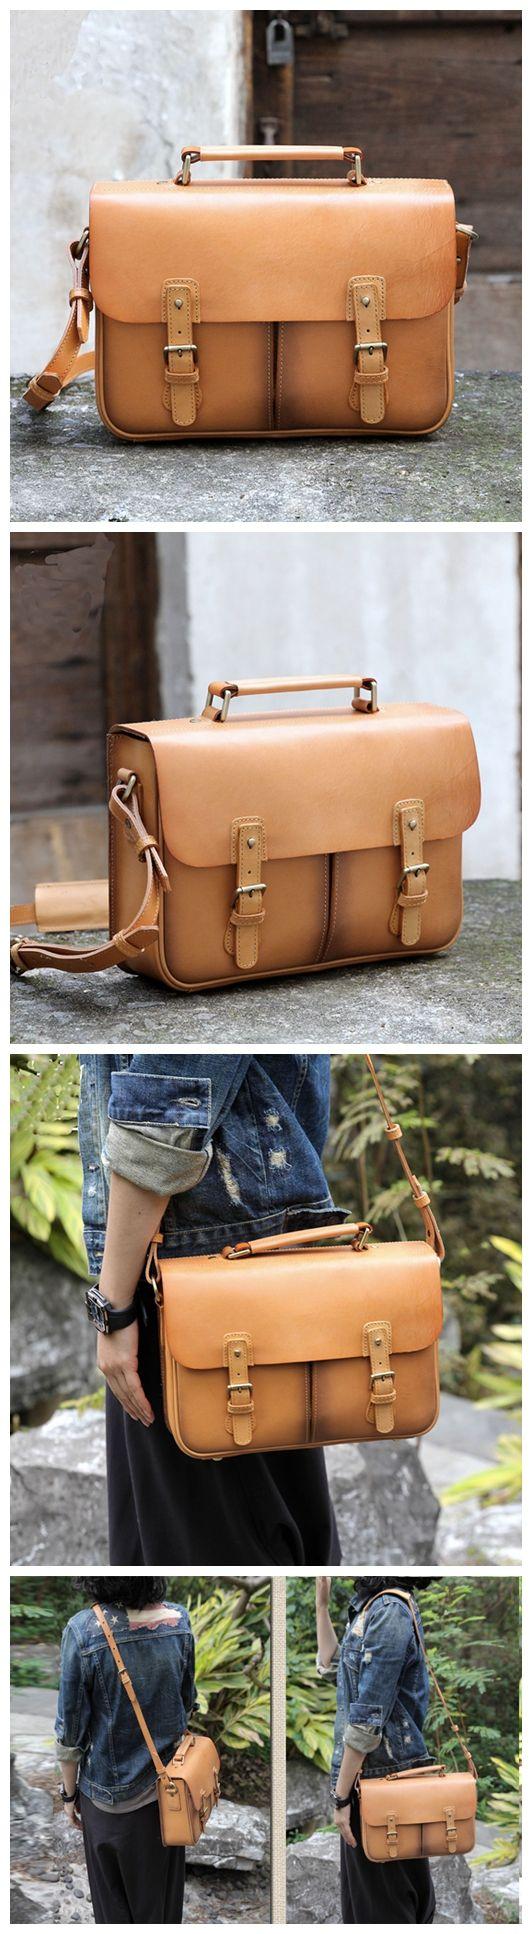 Handcrafted Leather Messenger Men's Fashion Bag Handbag Leather Shoulder Bag 14088